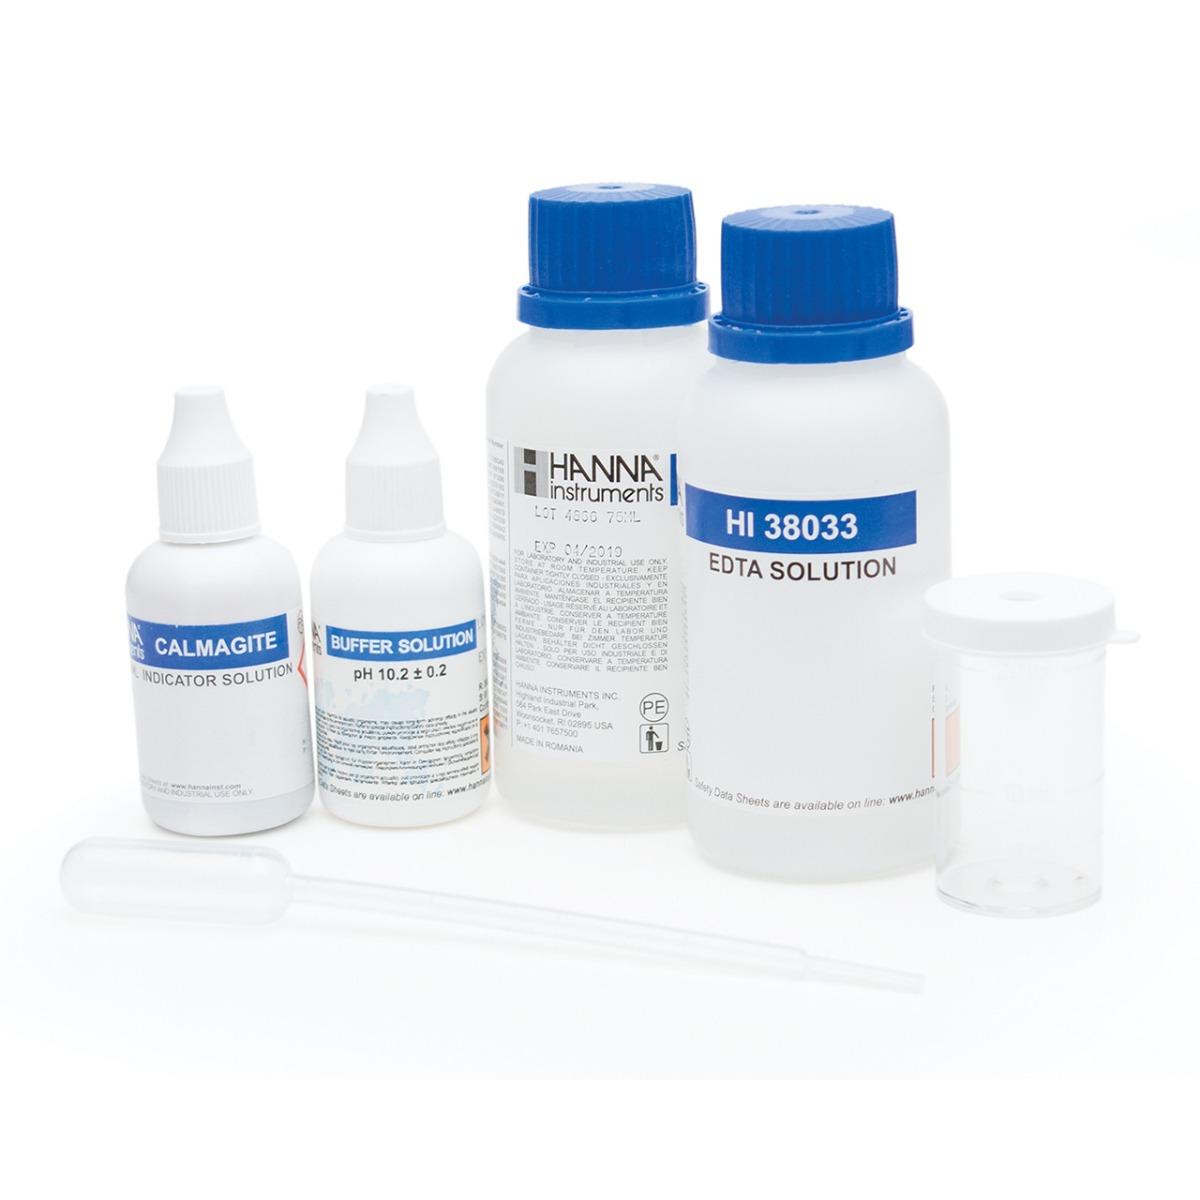 HI38033 Total Hardness Test Kit